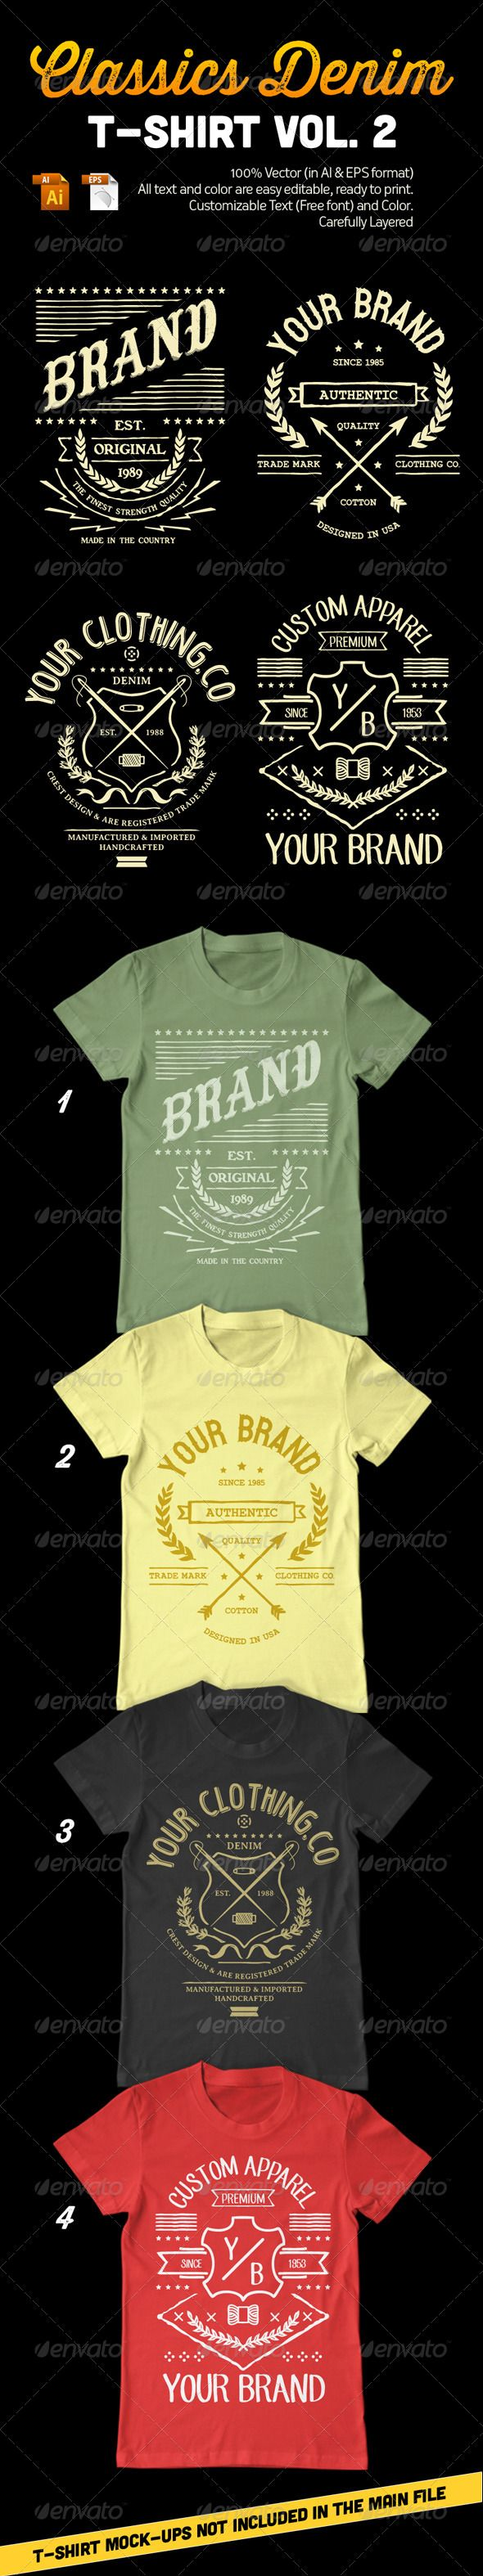 Classics+Denim+T-Shirt+Vol.+2